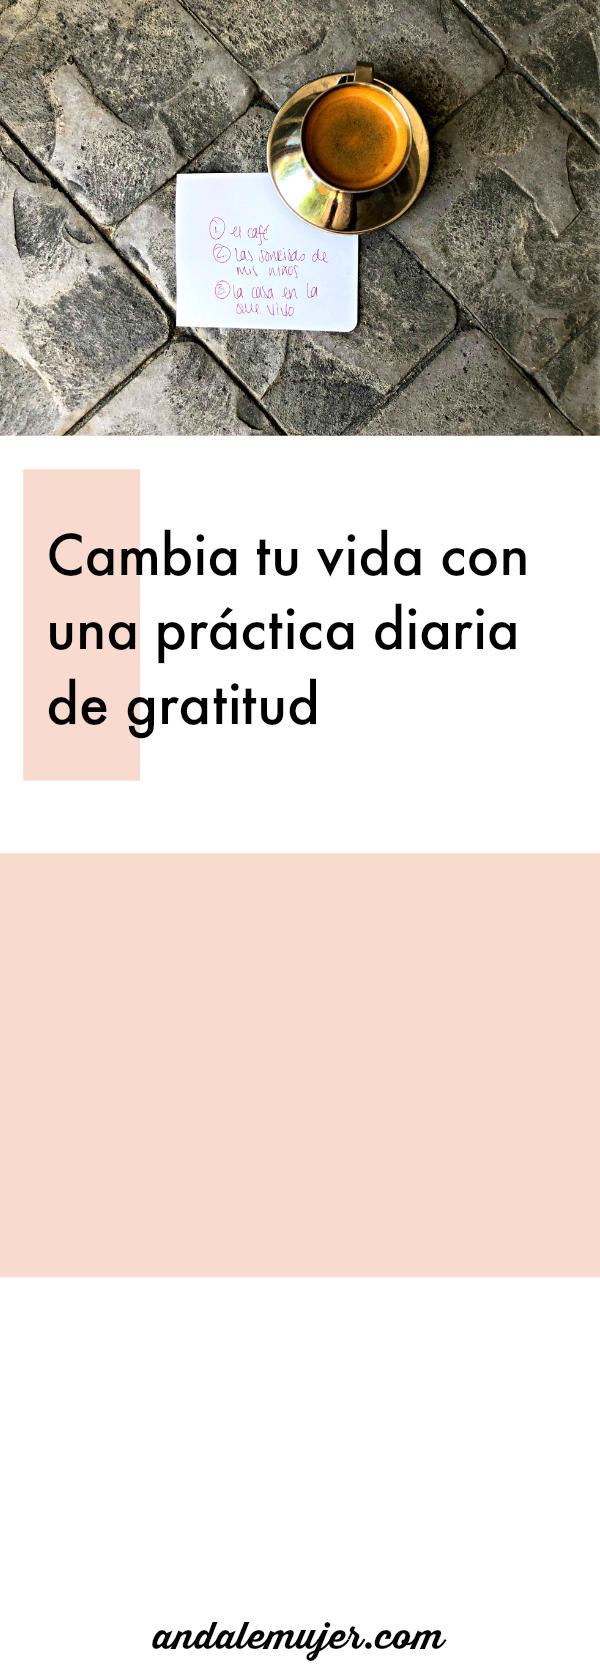 Cambia tu vida con una práctica diaria de gratitud de ándalemujer.com - Como incorporar gratitud a tu día te puede cambiar la vida